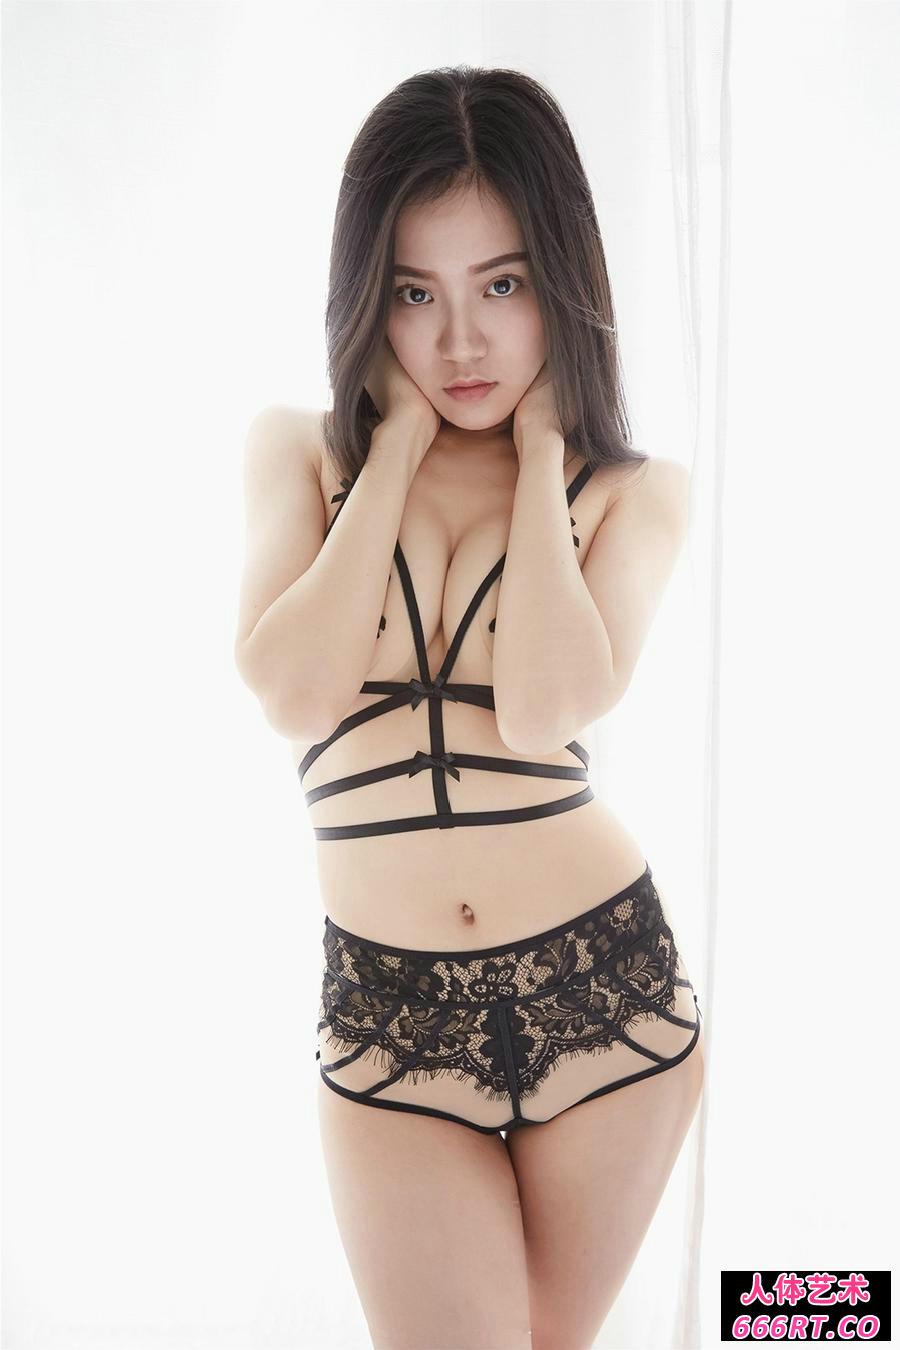 白嫩少妇吴凯莉穿超薄透视内衣倮身透明照第11张